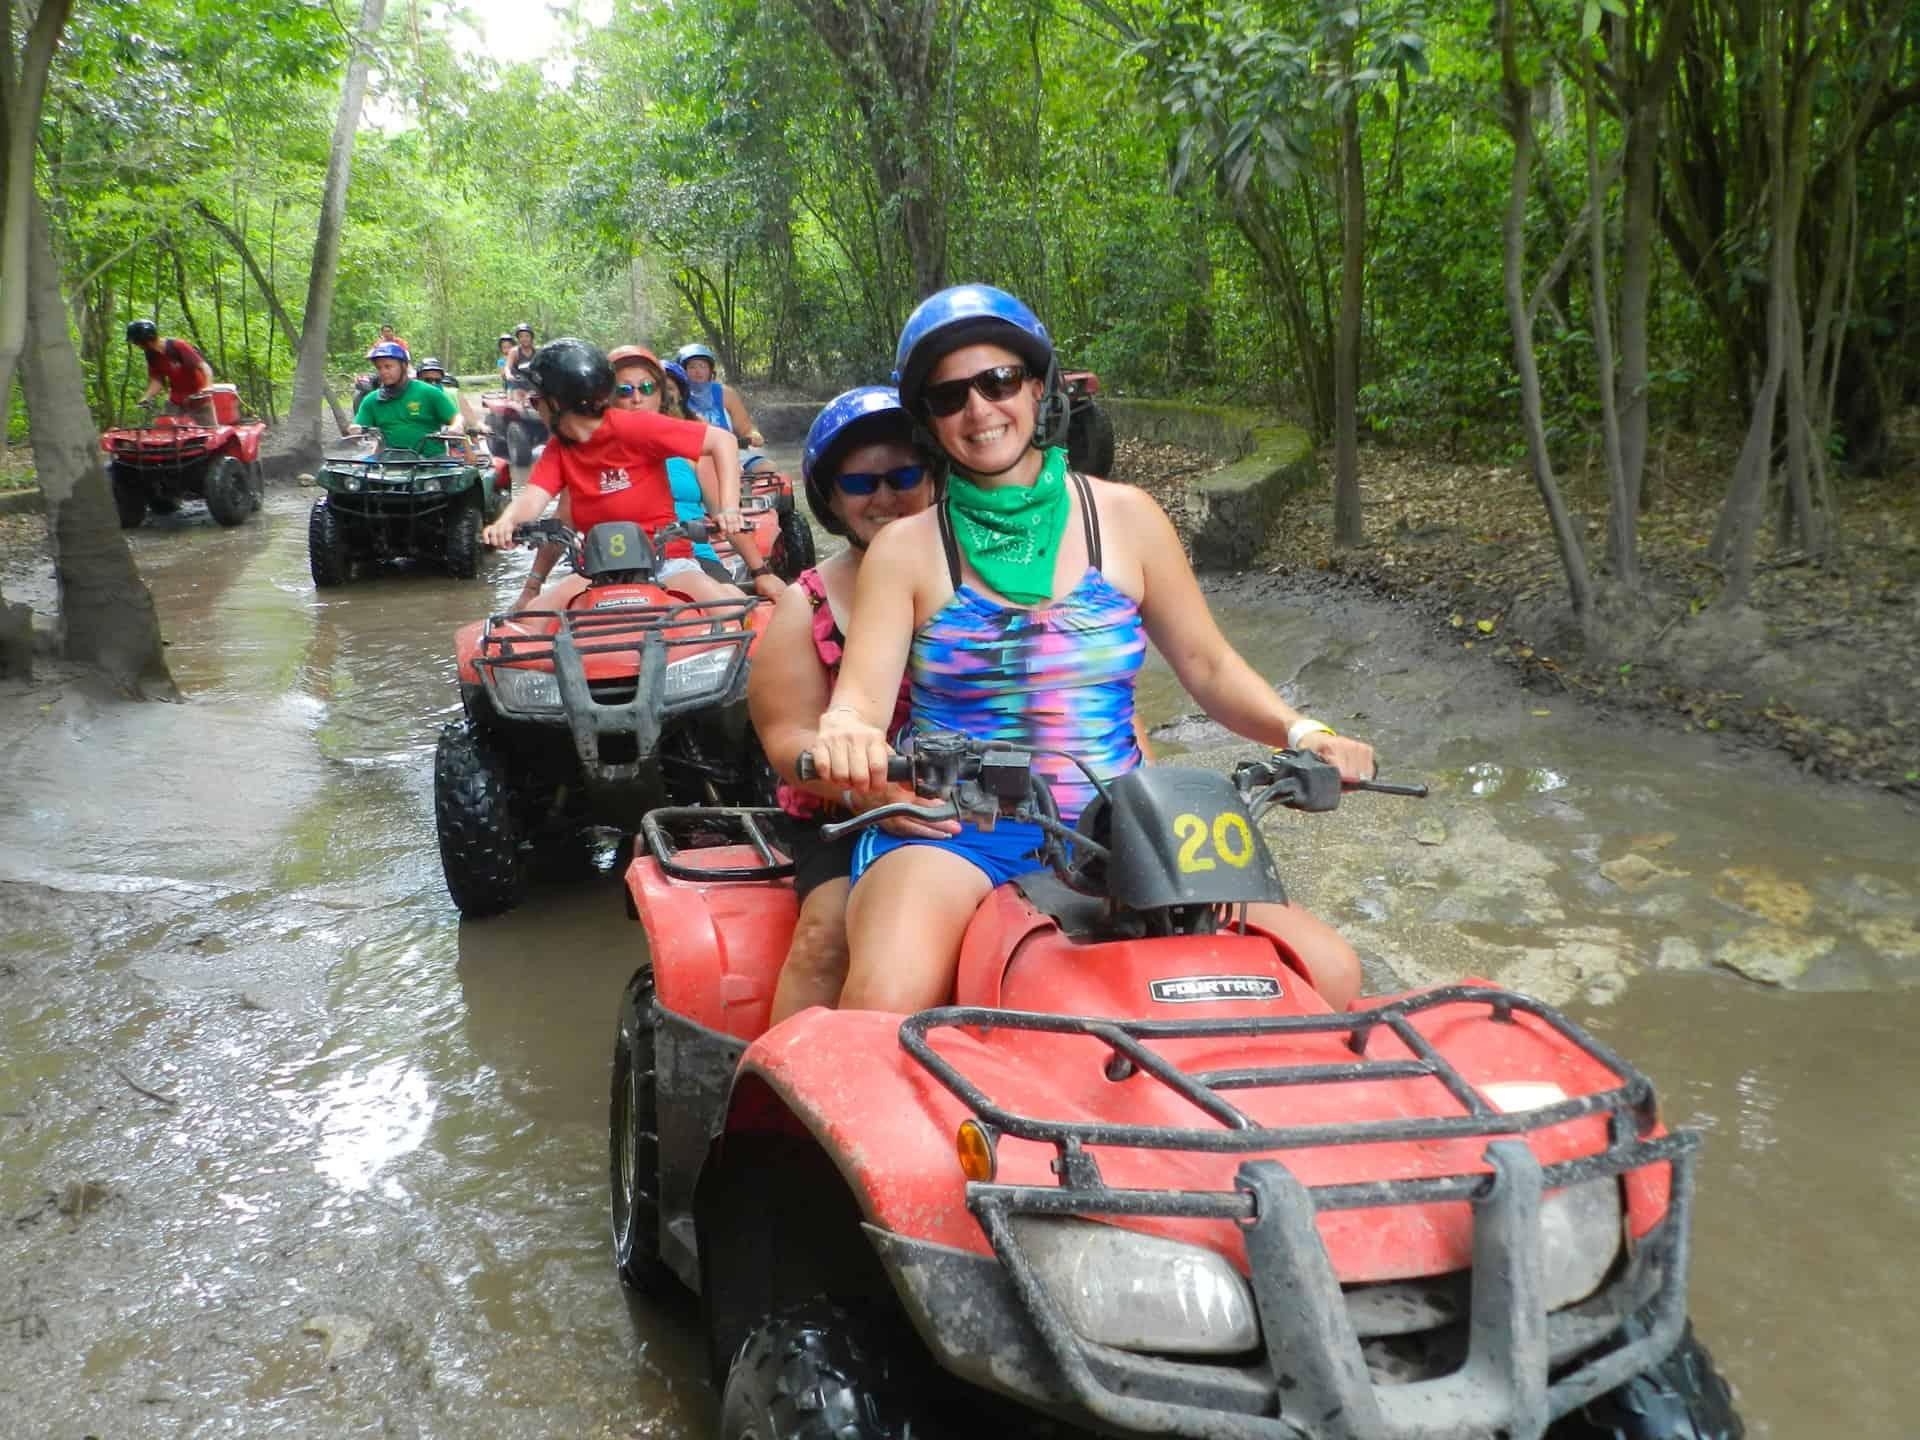 Cozumel Atv Wild Tour Cozumel Cruise Excursions